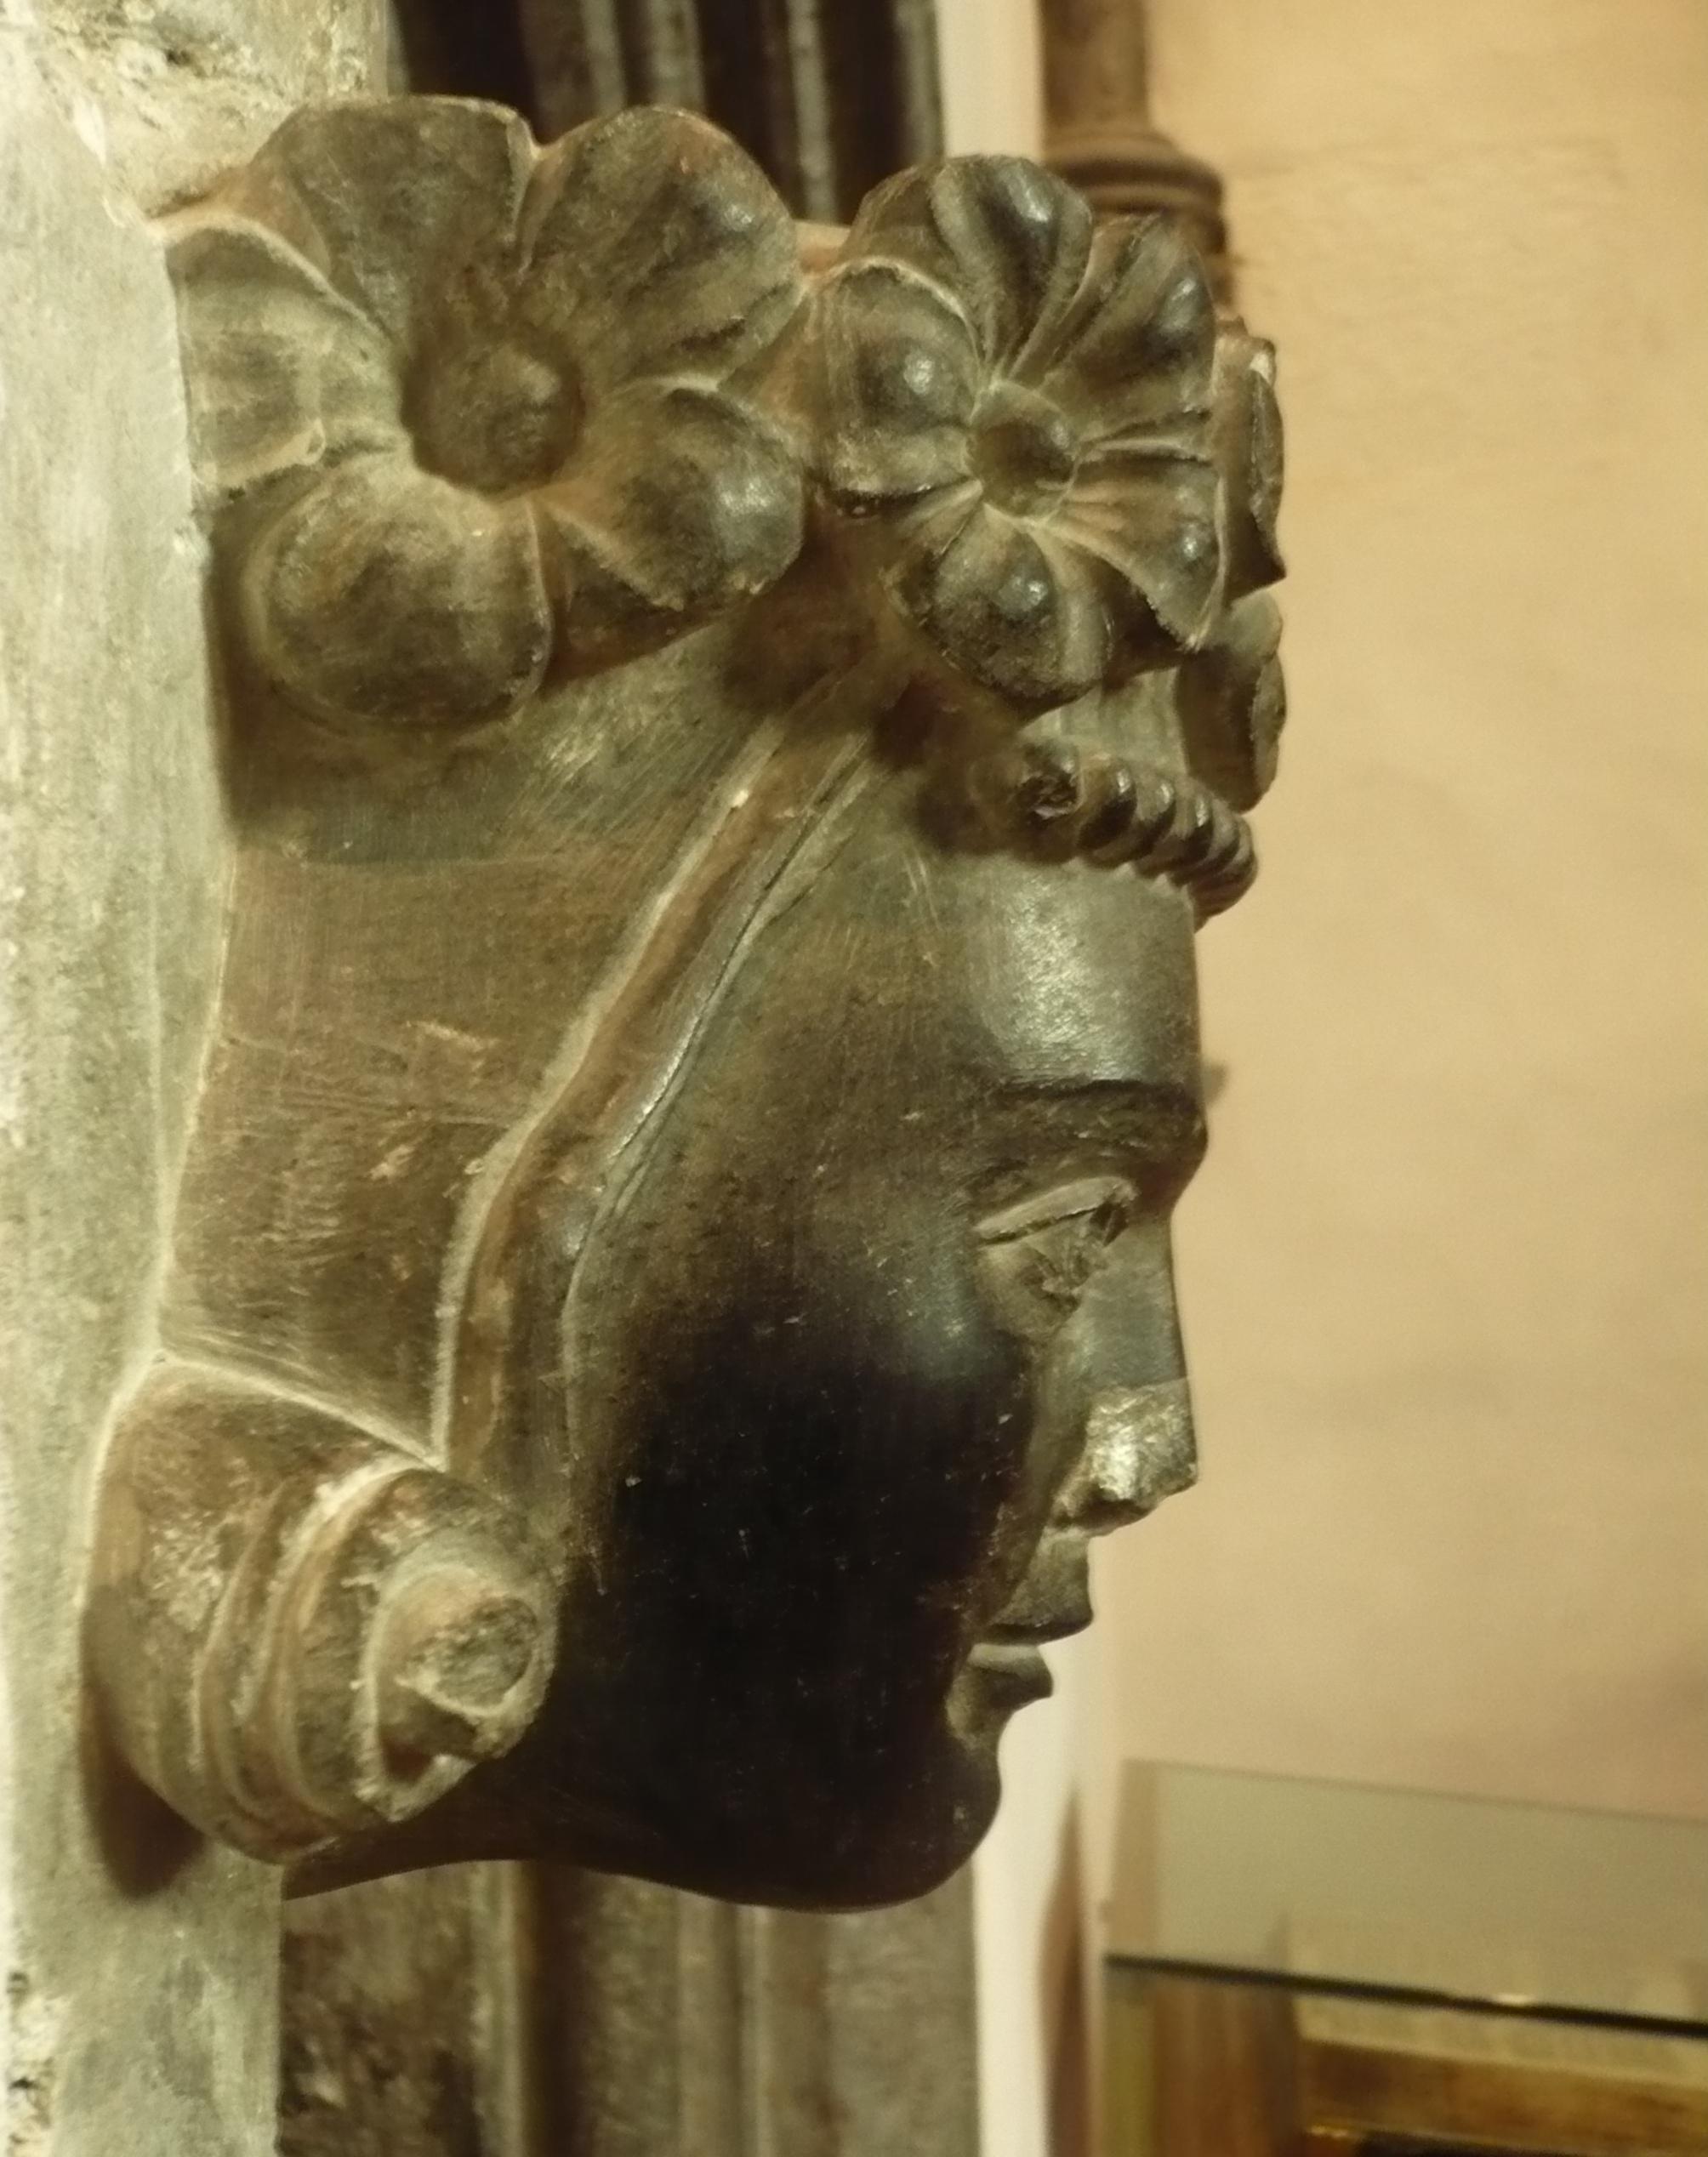 Skulptur i koret i Stavanger Domkirke, som kan være av hertug og senere kong Håkon V Magnusson.